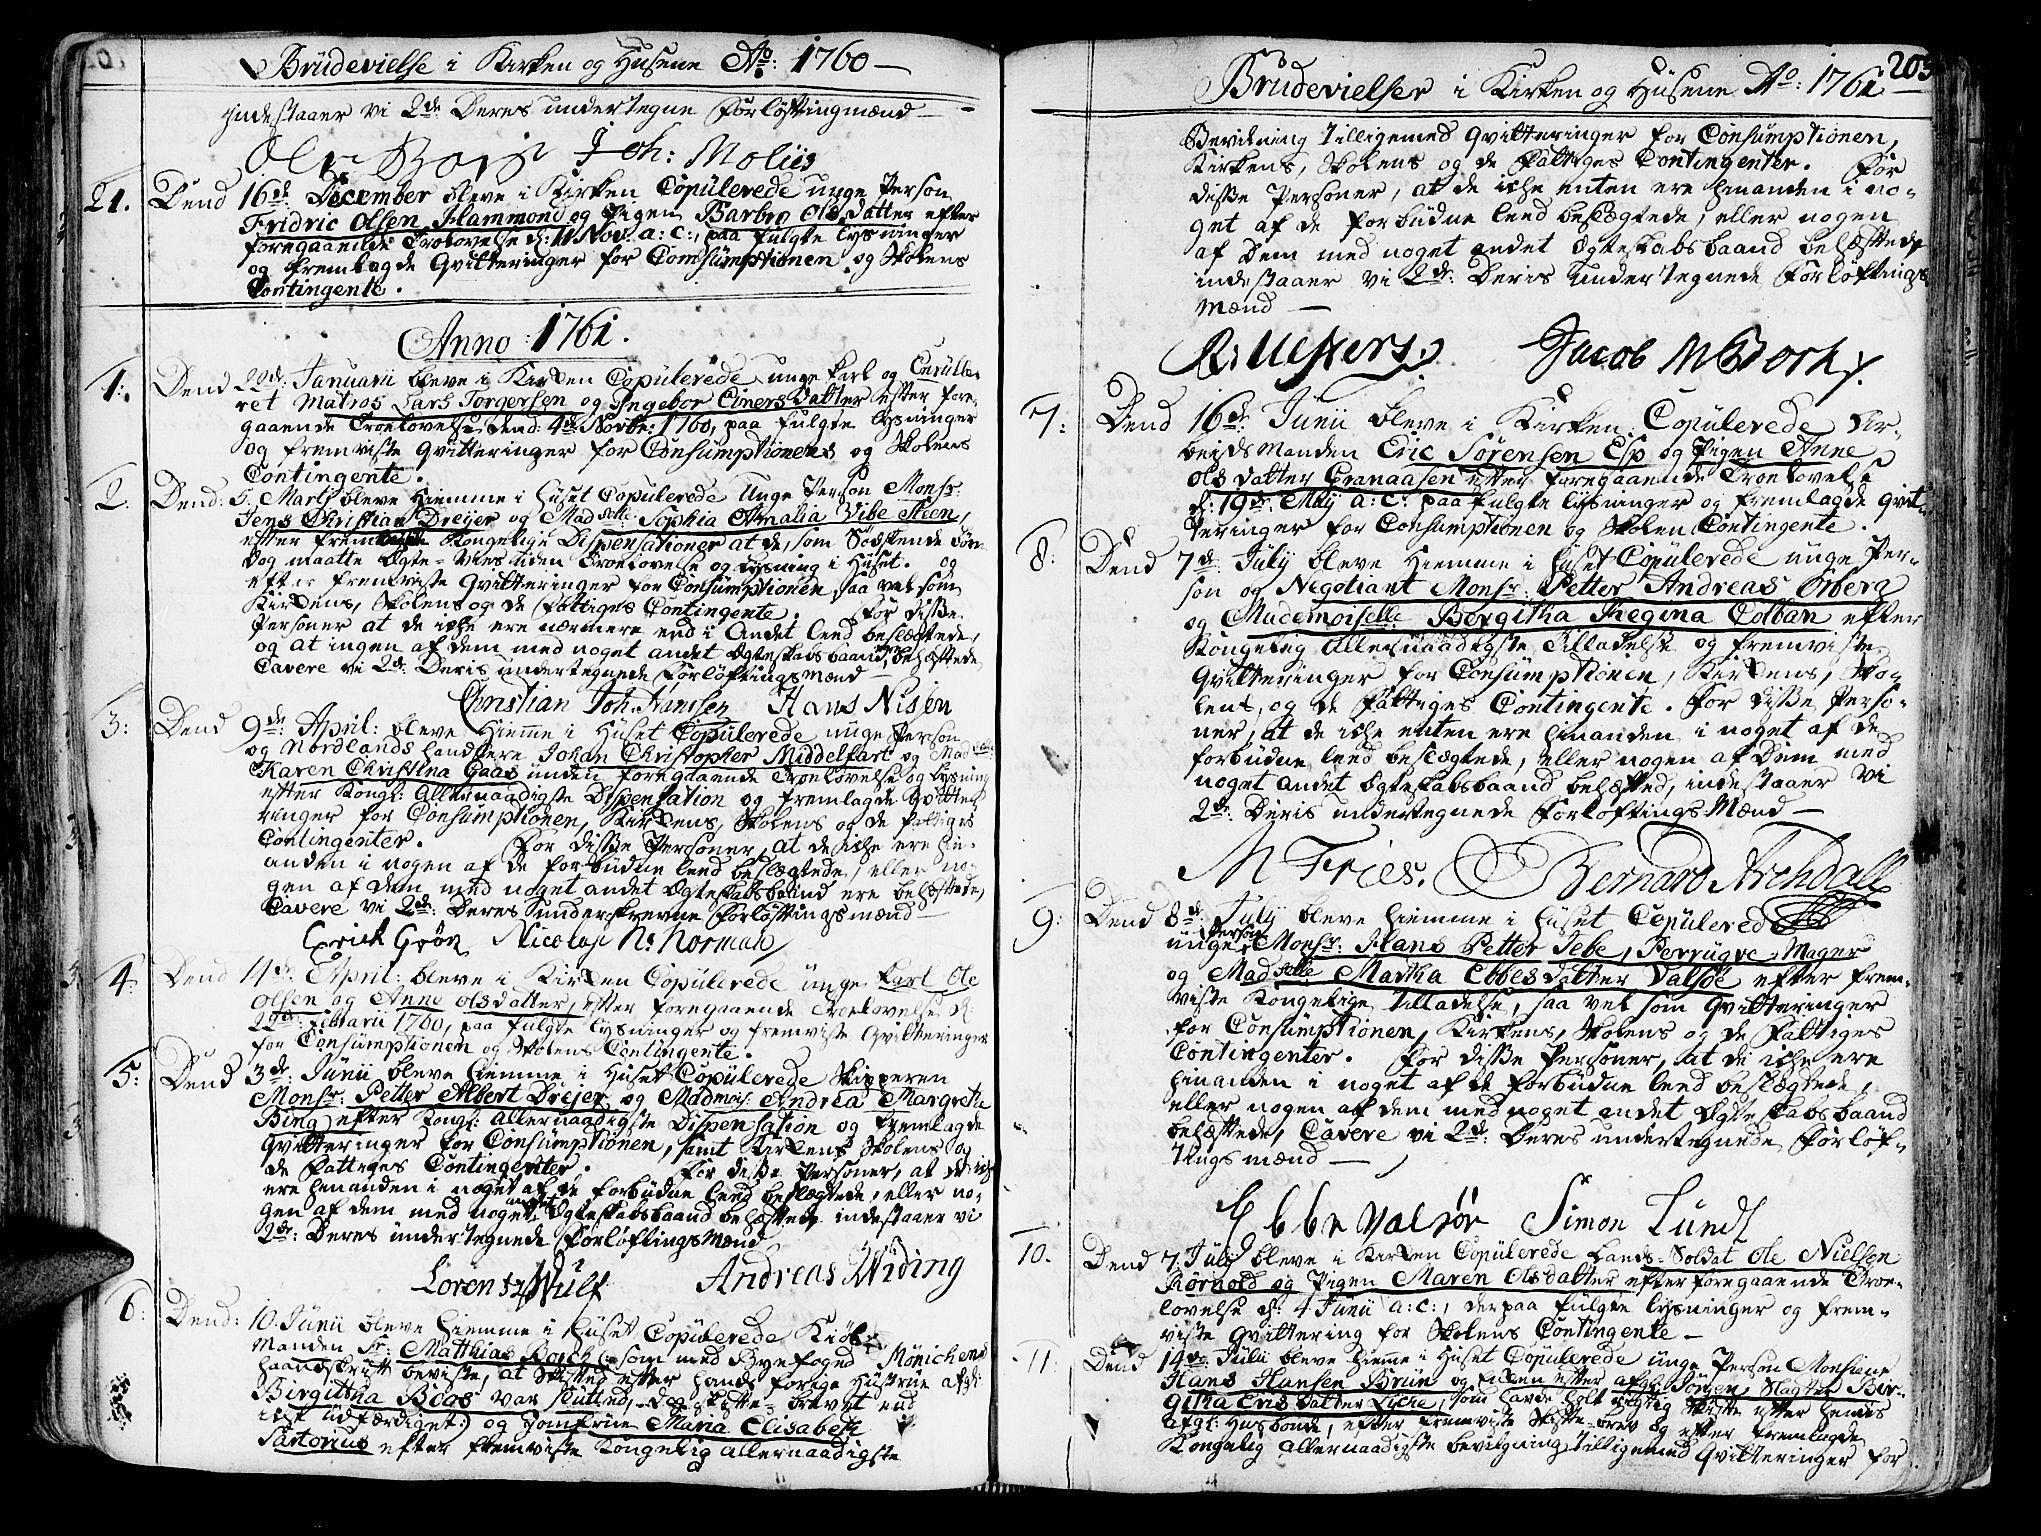 SAT, Ministerialprotokoller, klokkerbøker og fødselsregistre - Sør-Trøndelag, 602/L0103: Ministerialbok nr. 602A01, 1732-1774, s. 203